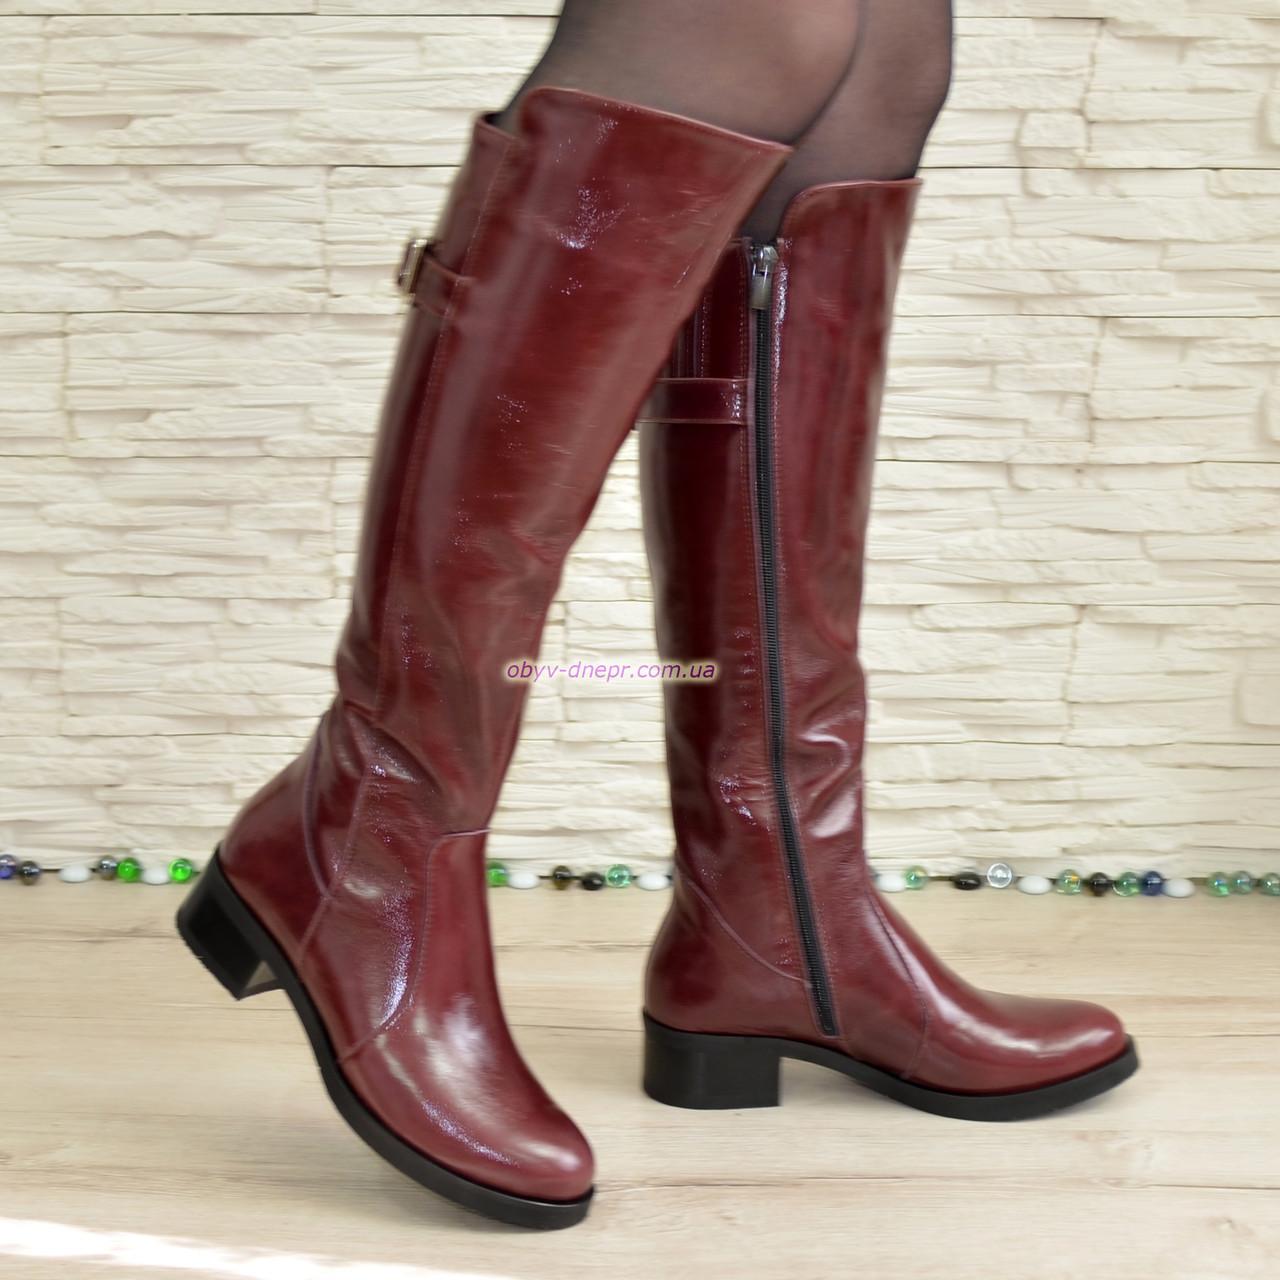 Сапоги женские зимние кожаные на невысоком устойчивом каблуке, цвет бордо. 38 размер